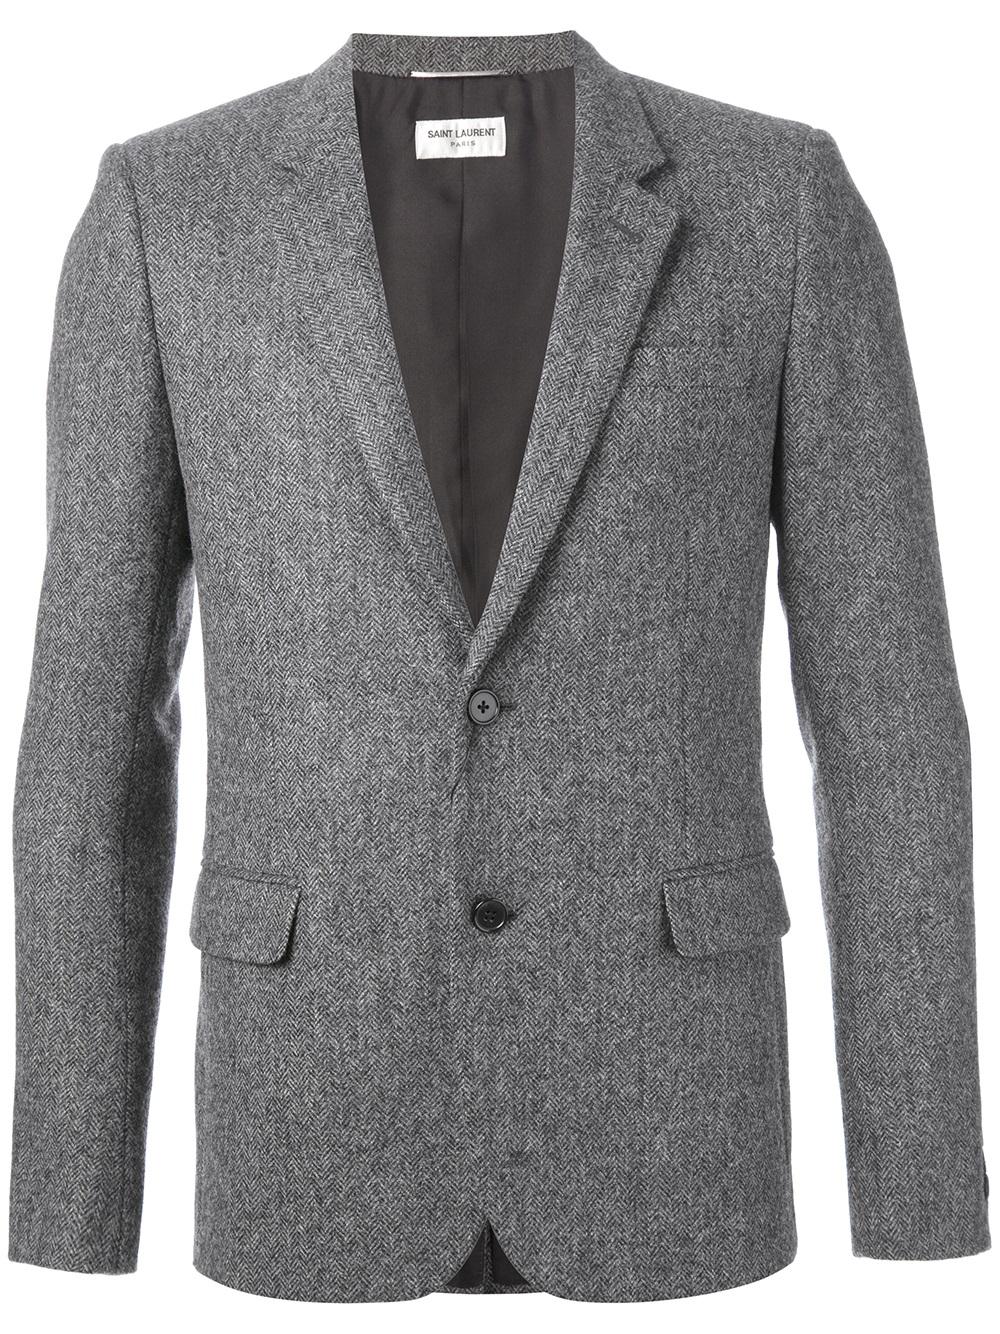 Lyst Saint Laurent Herringbone Tweed Blazer In Gray For Men